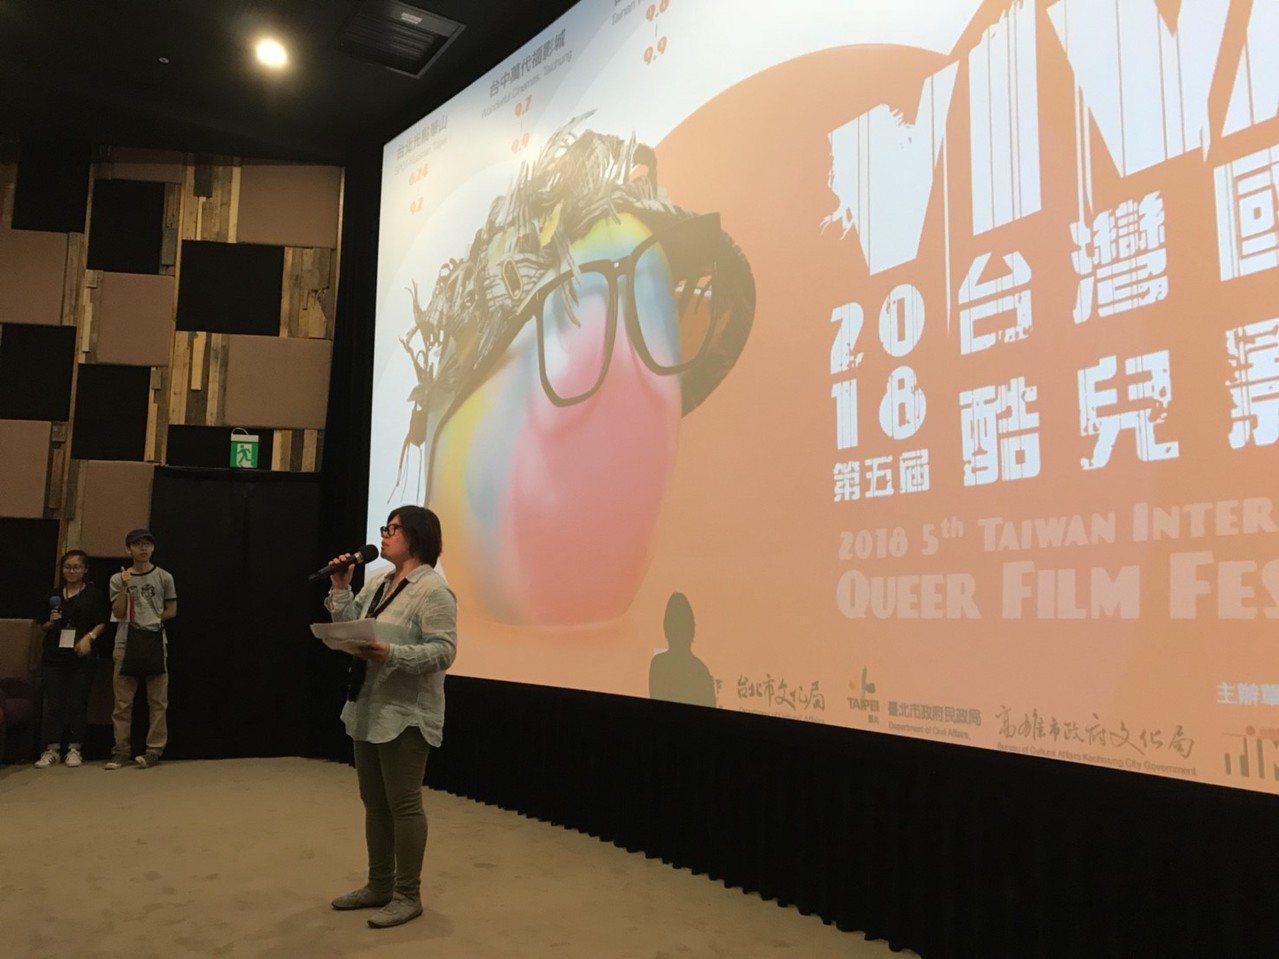 「台灣國際酷兒影展」自2014年成立以來,今年邁入第五屆,除了往年的台北、台中和...